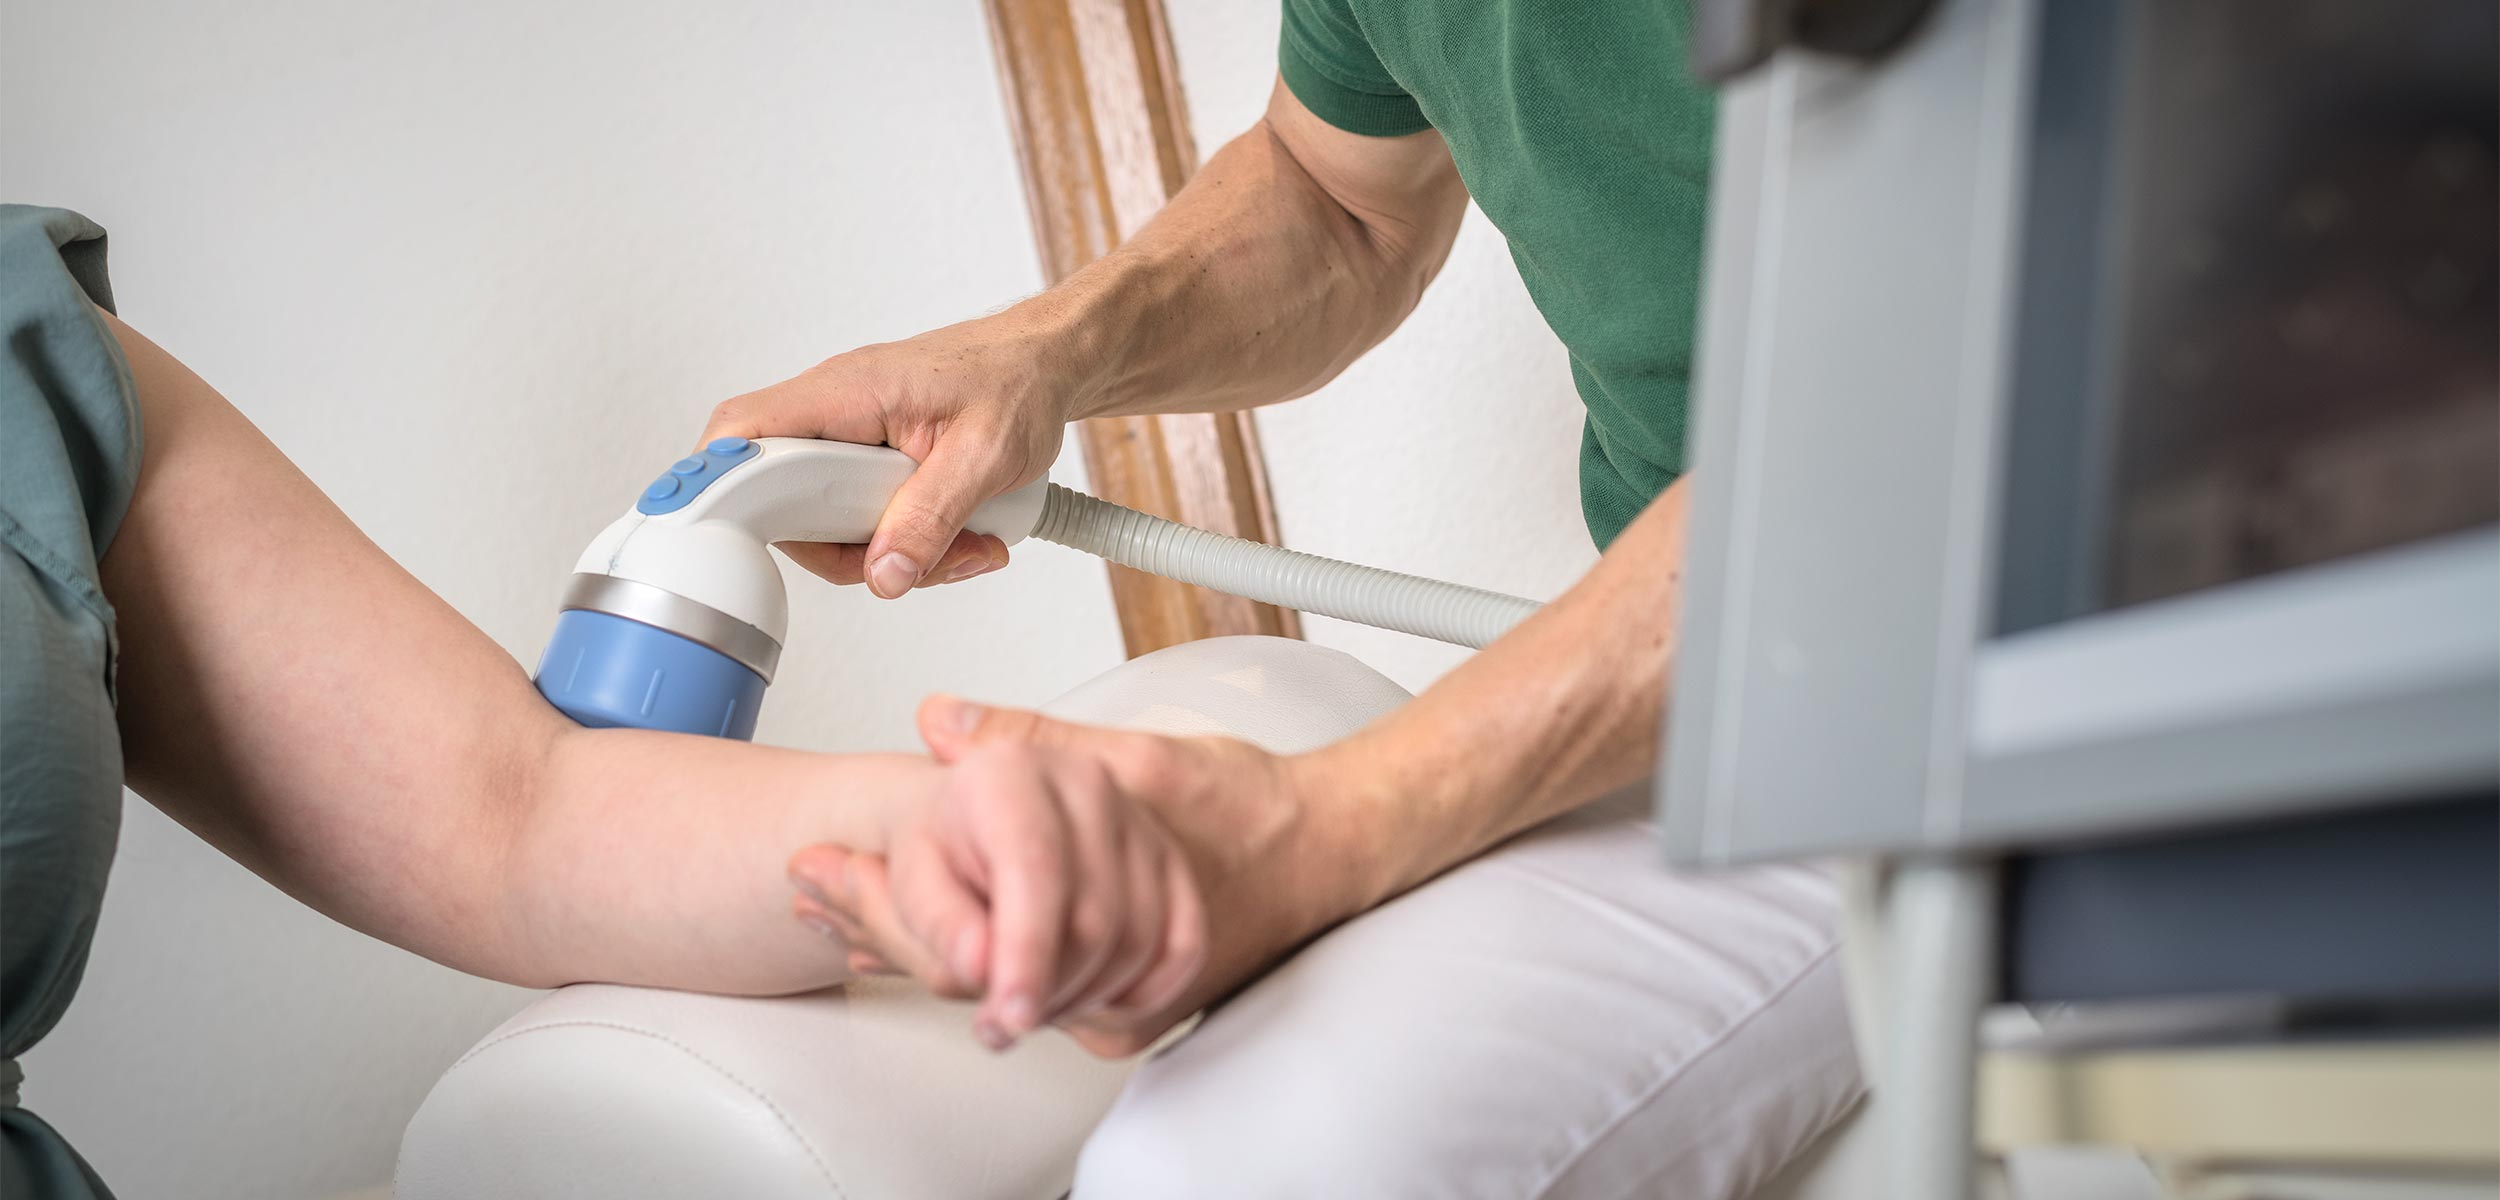 Stoßwellentherapie kann Beschwerden wie z.B. Tennisarm reduzieren